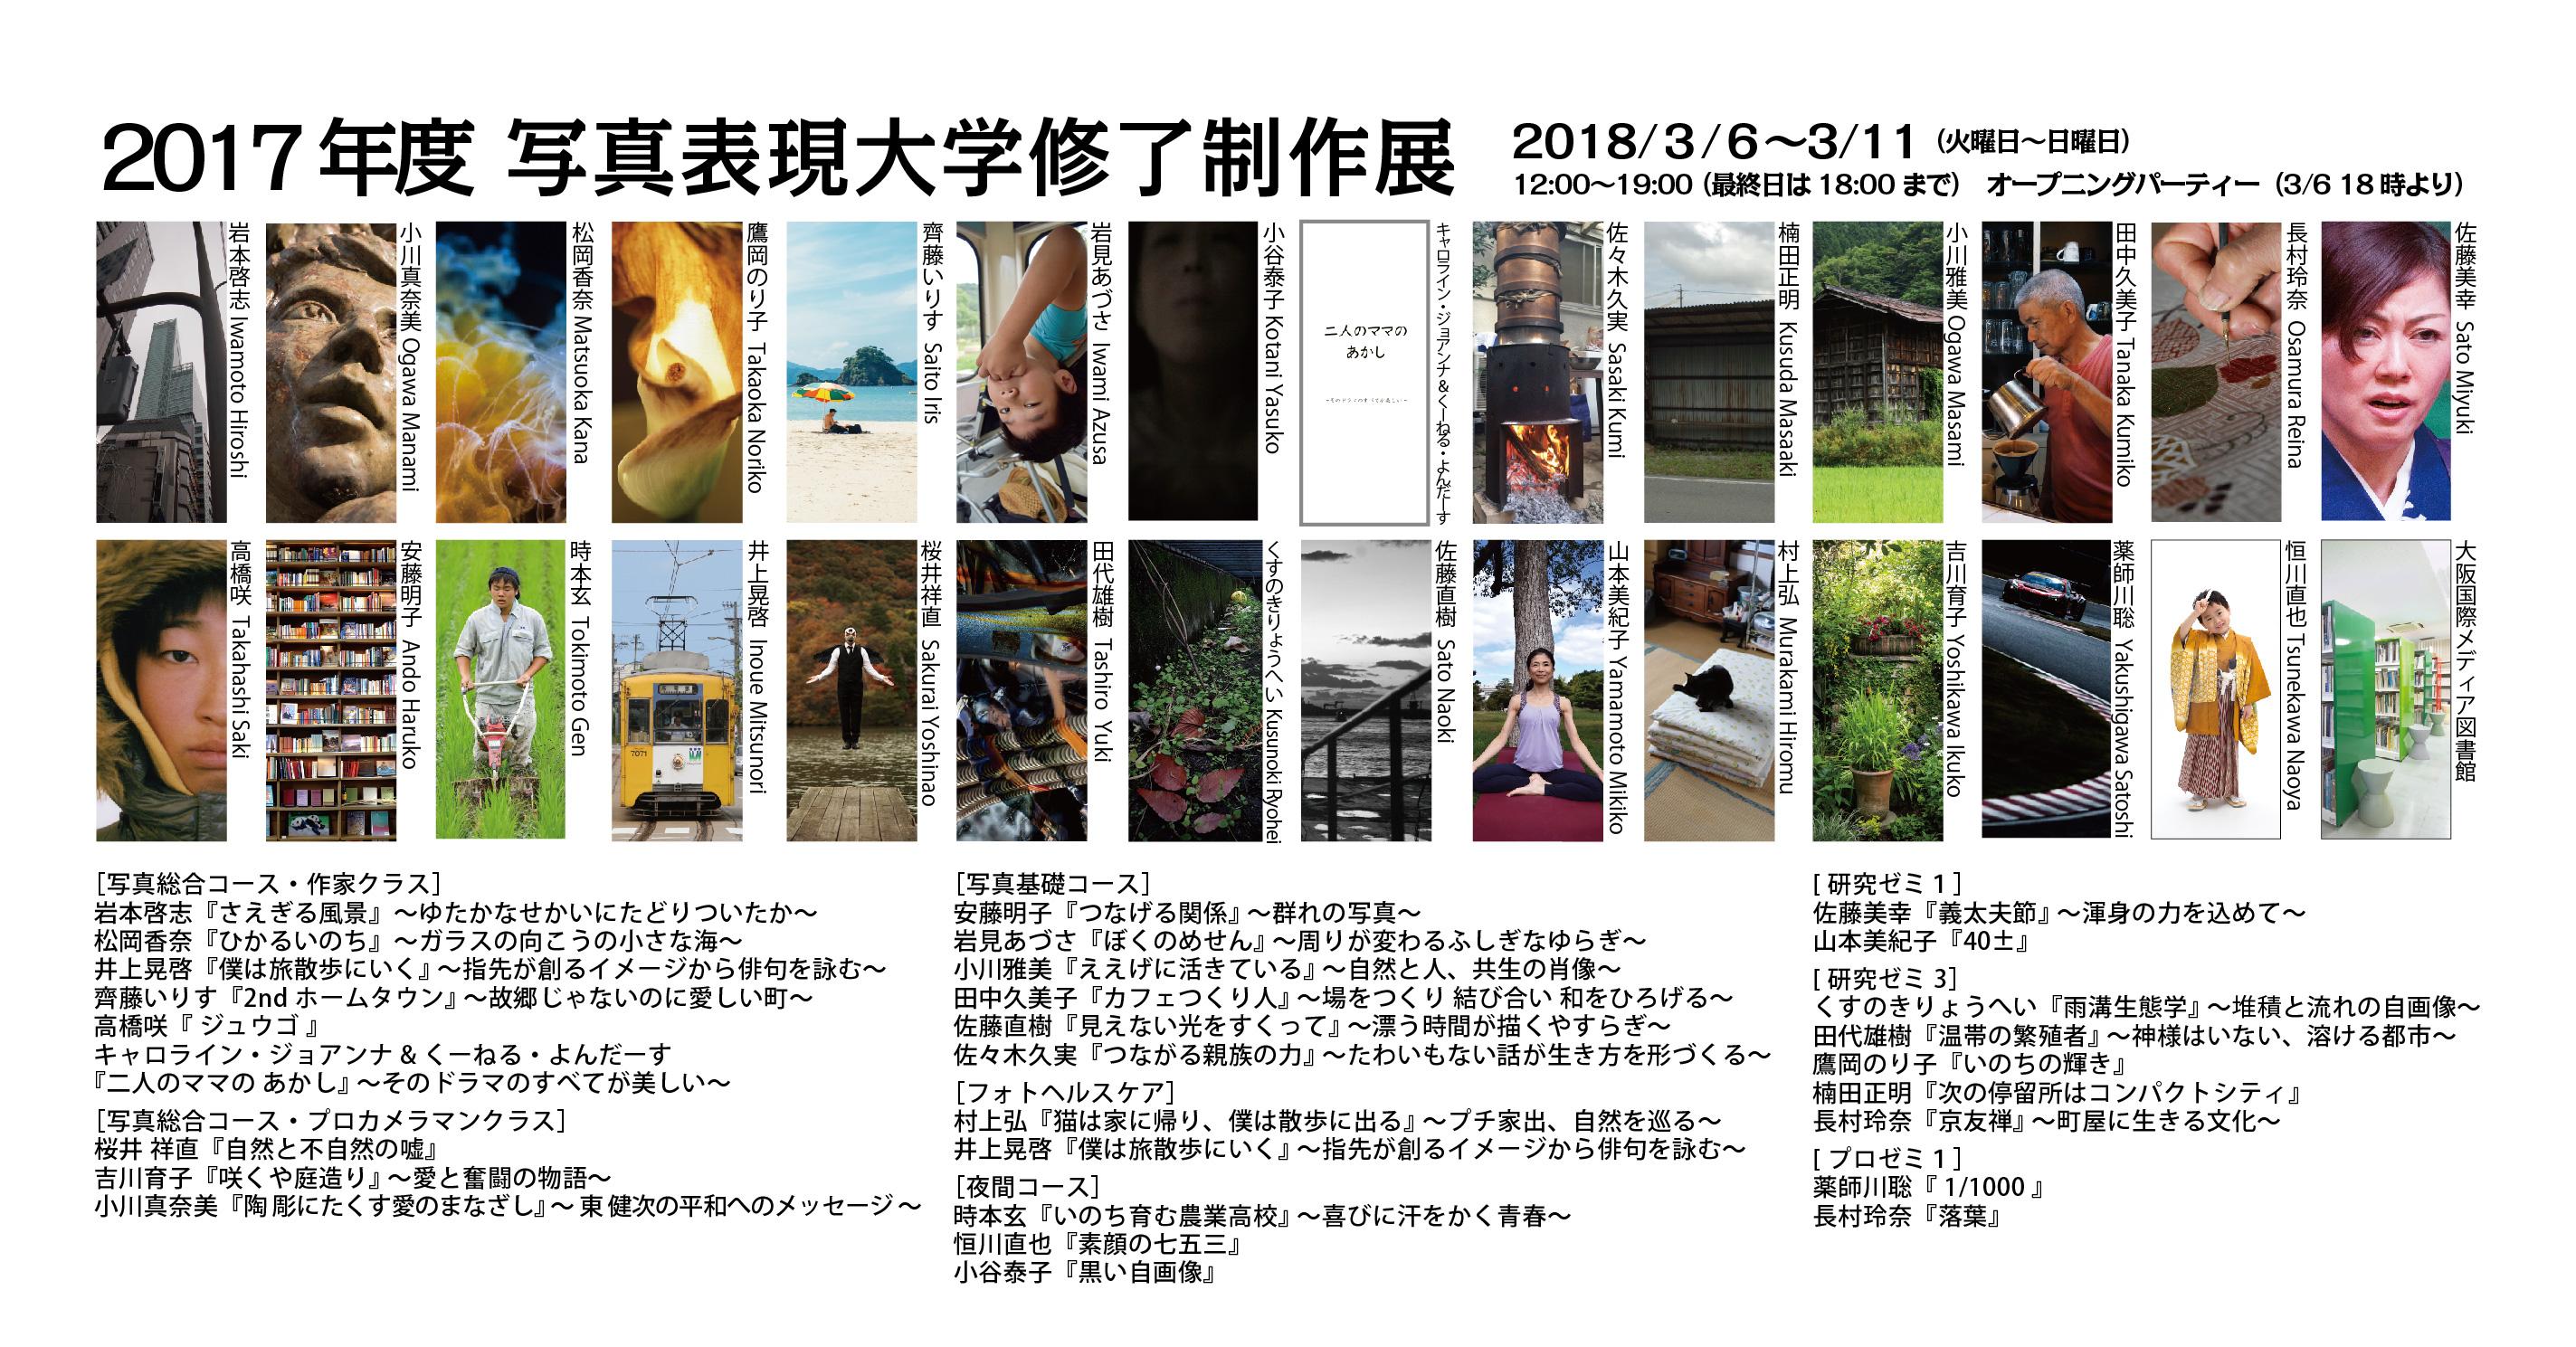 写真,写真スクール,写真教室,写真講座,プロカメラマン,写真作家